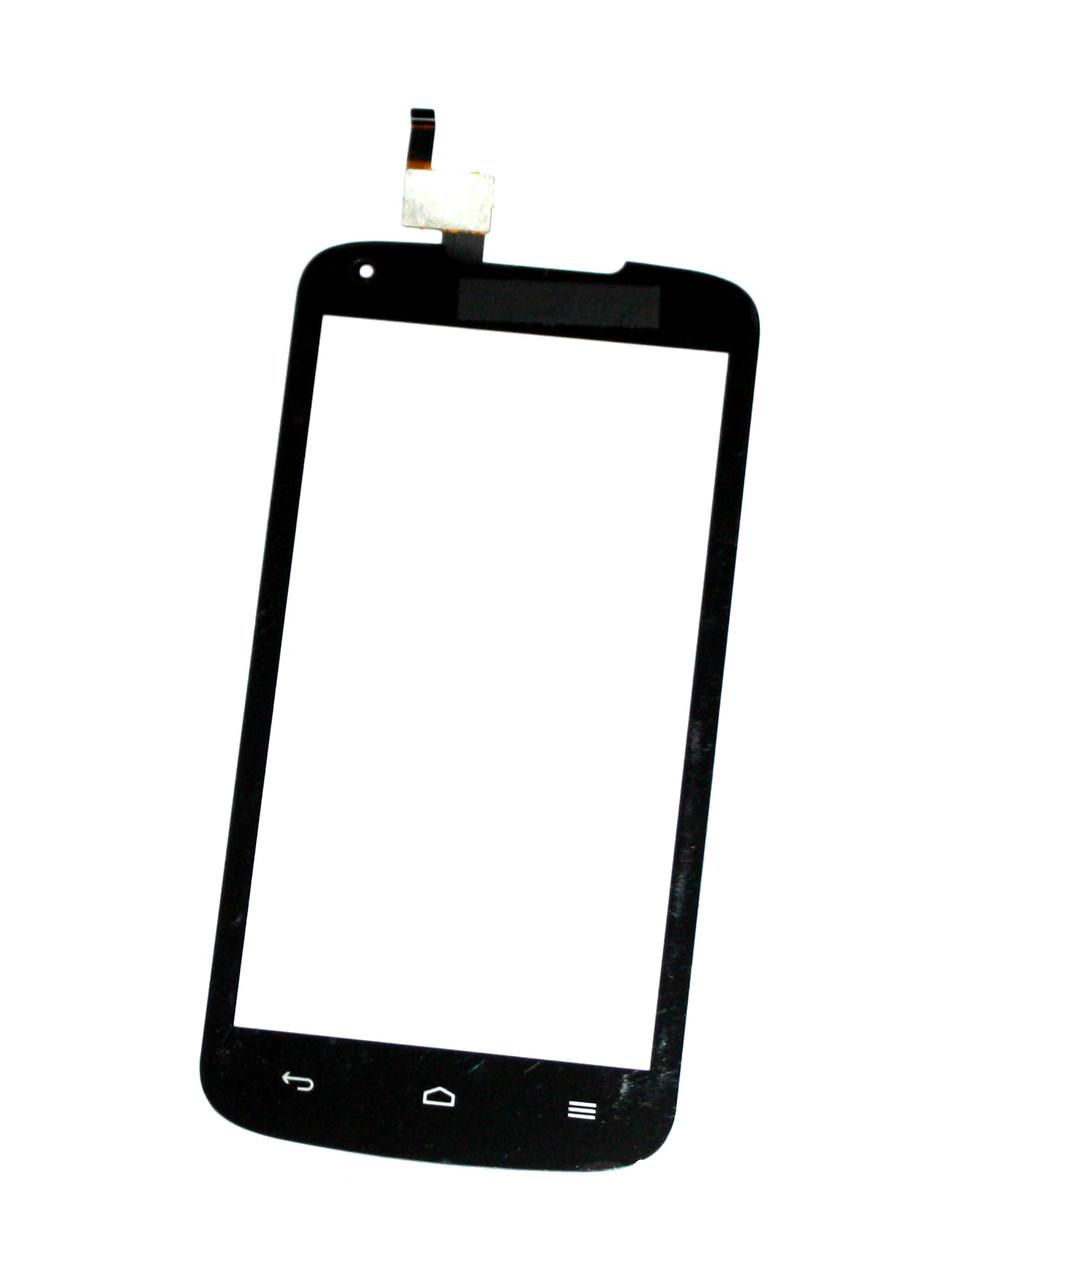 Сенсорный экран (тачскрин) Huawei Ascend Y520 чёрный ориг. к-во